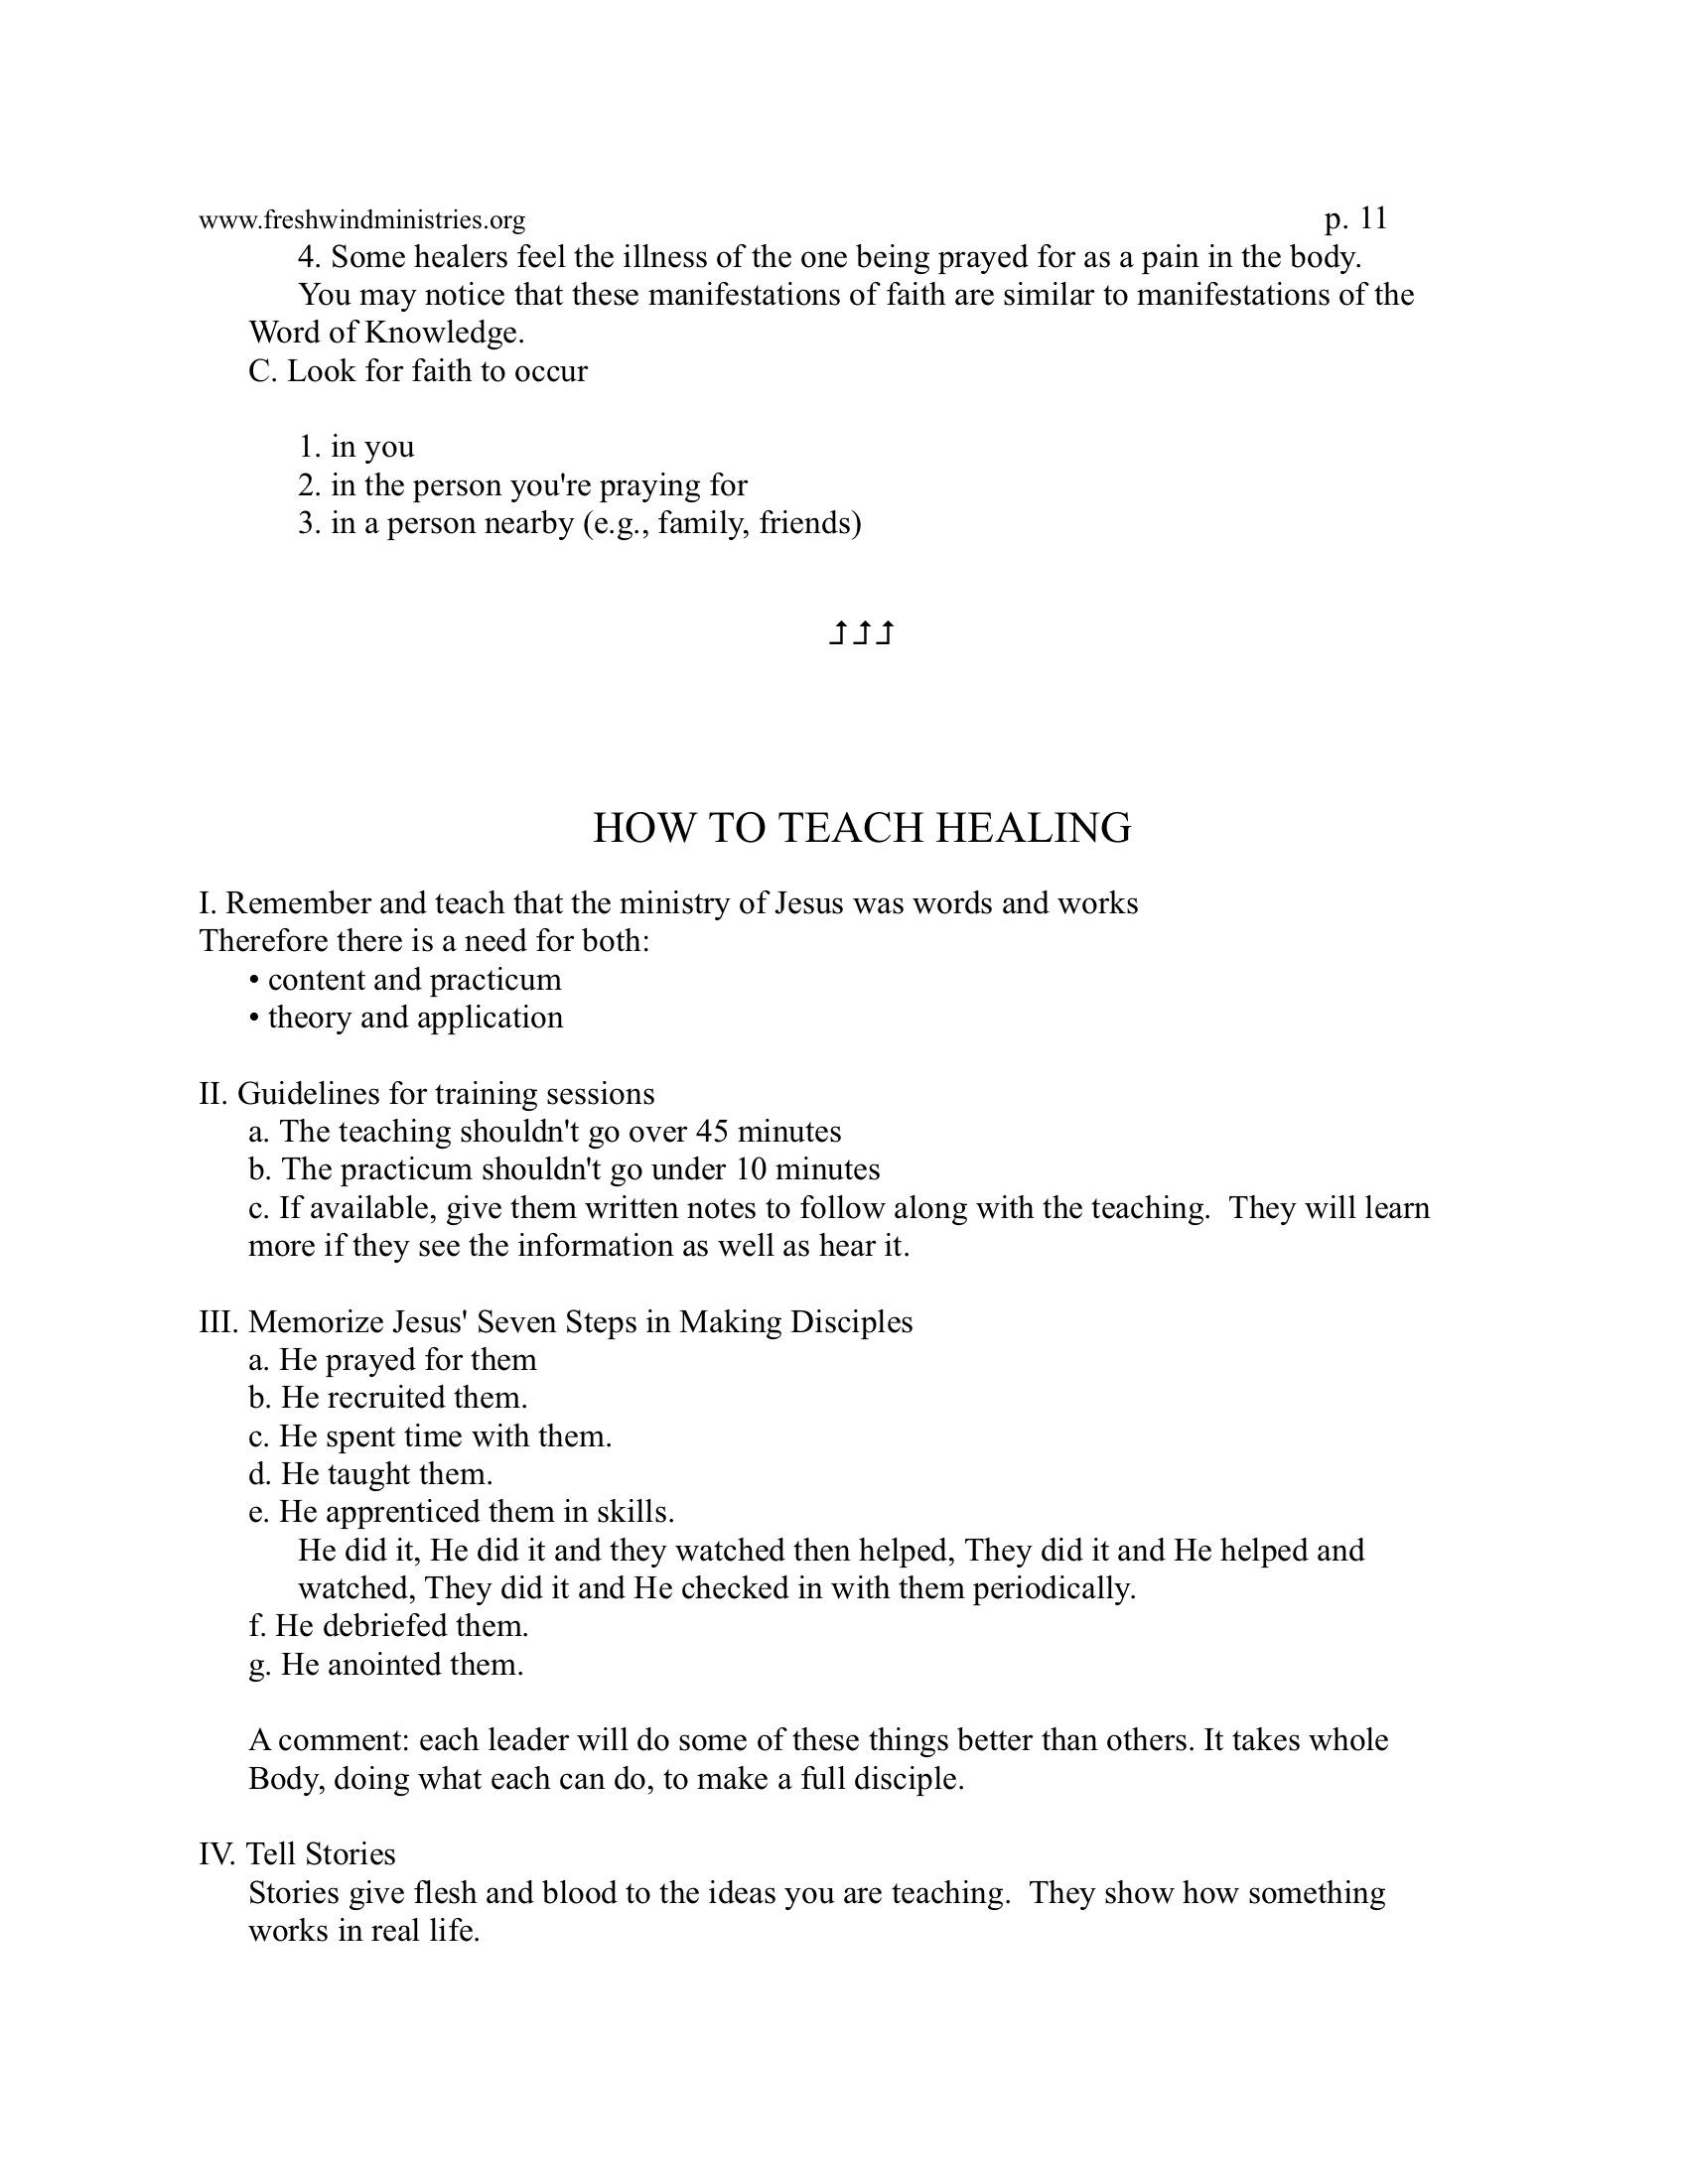 East End Fellowship Notes 30.jpeg